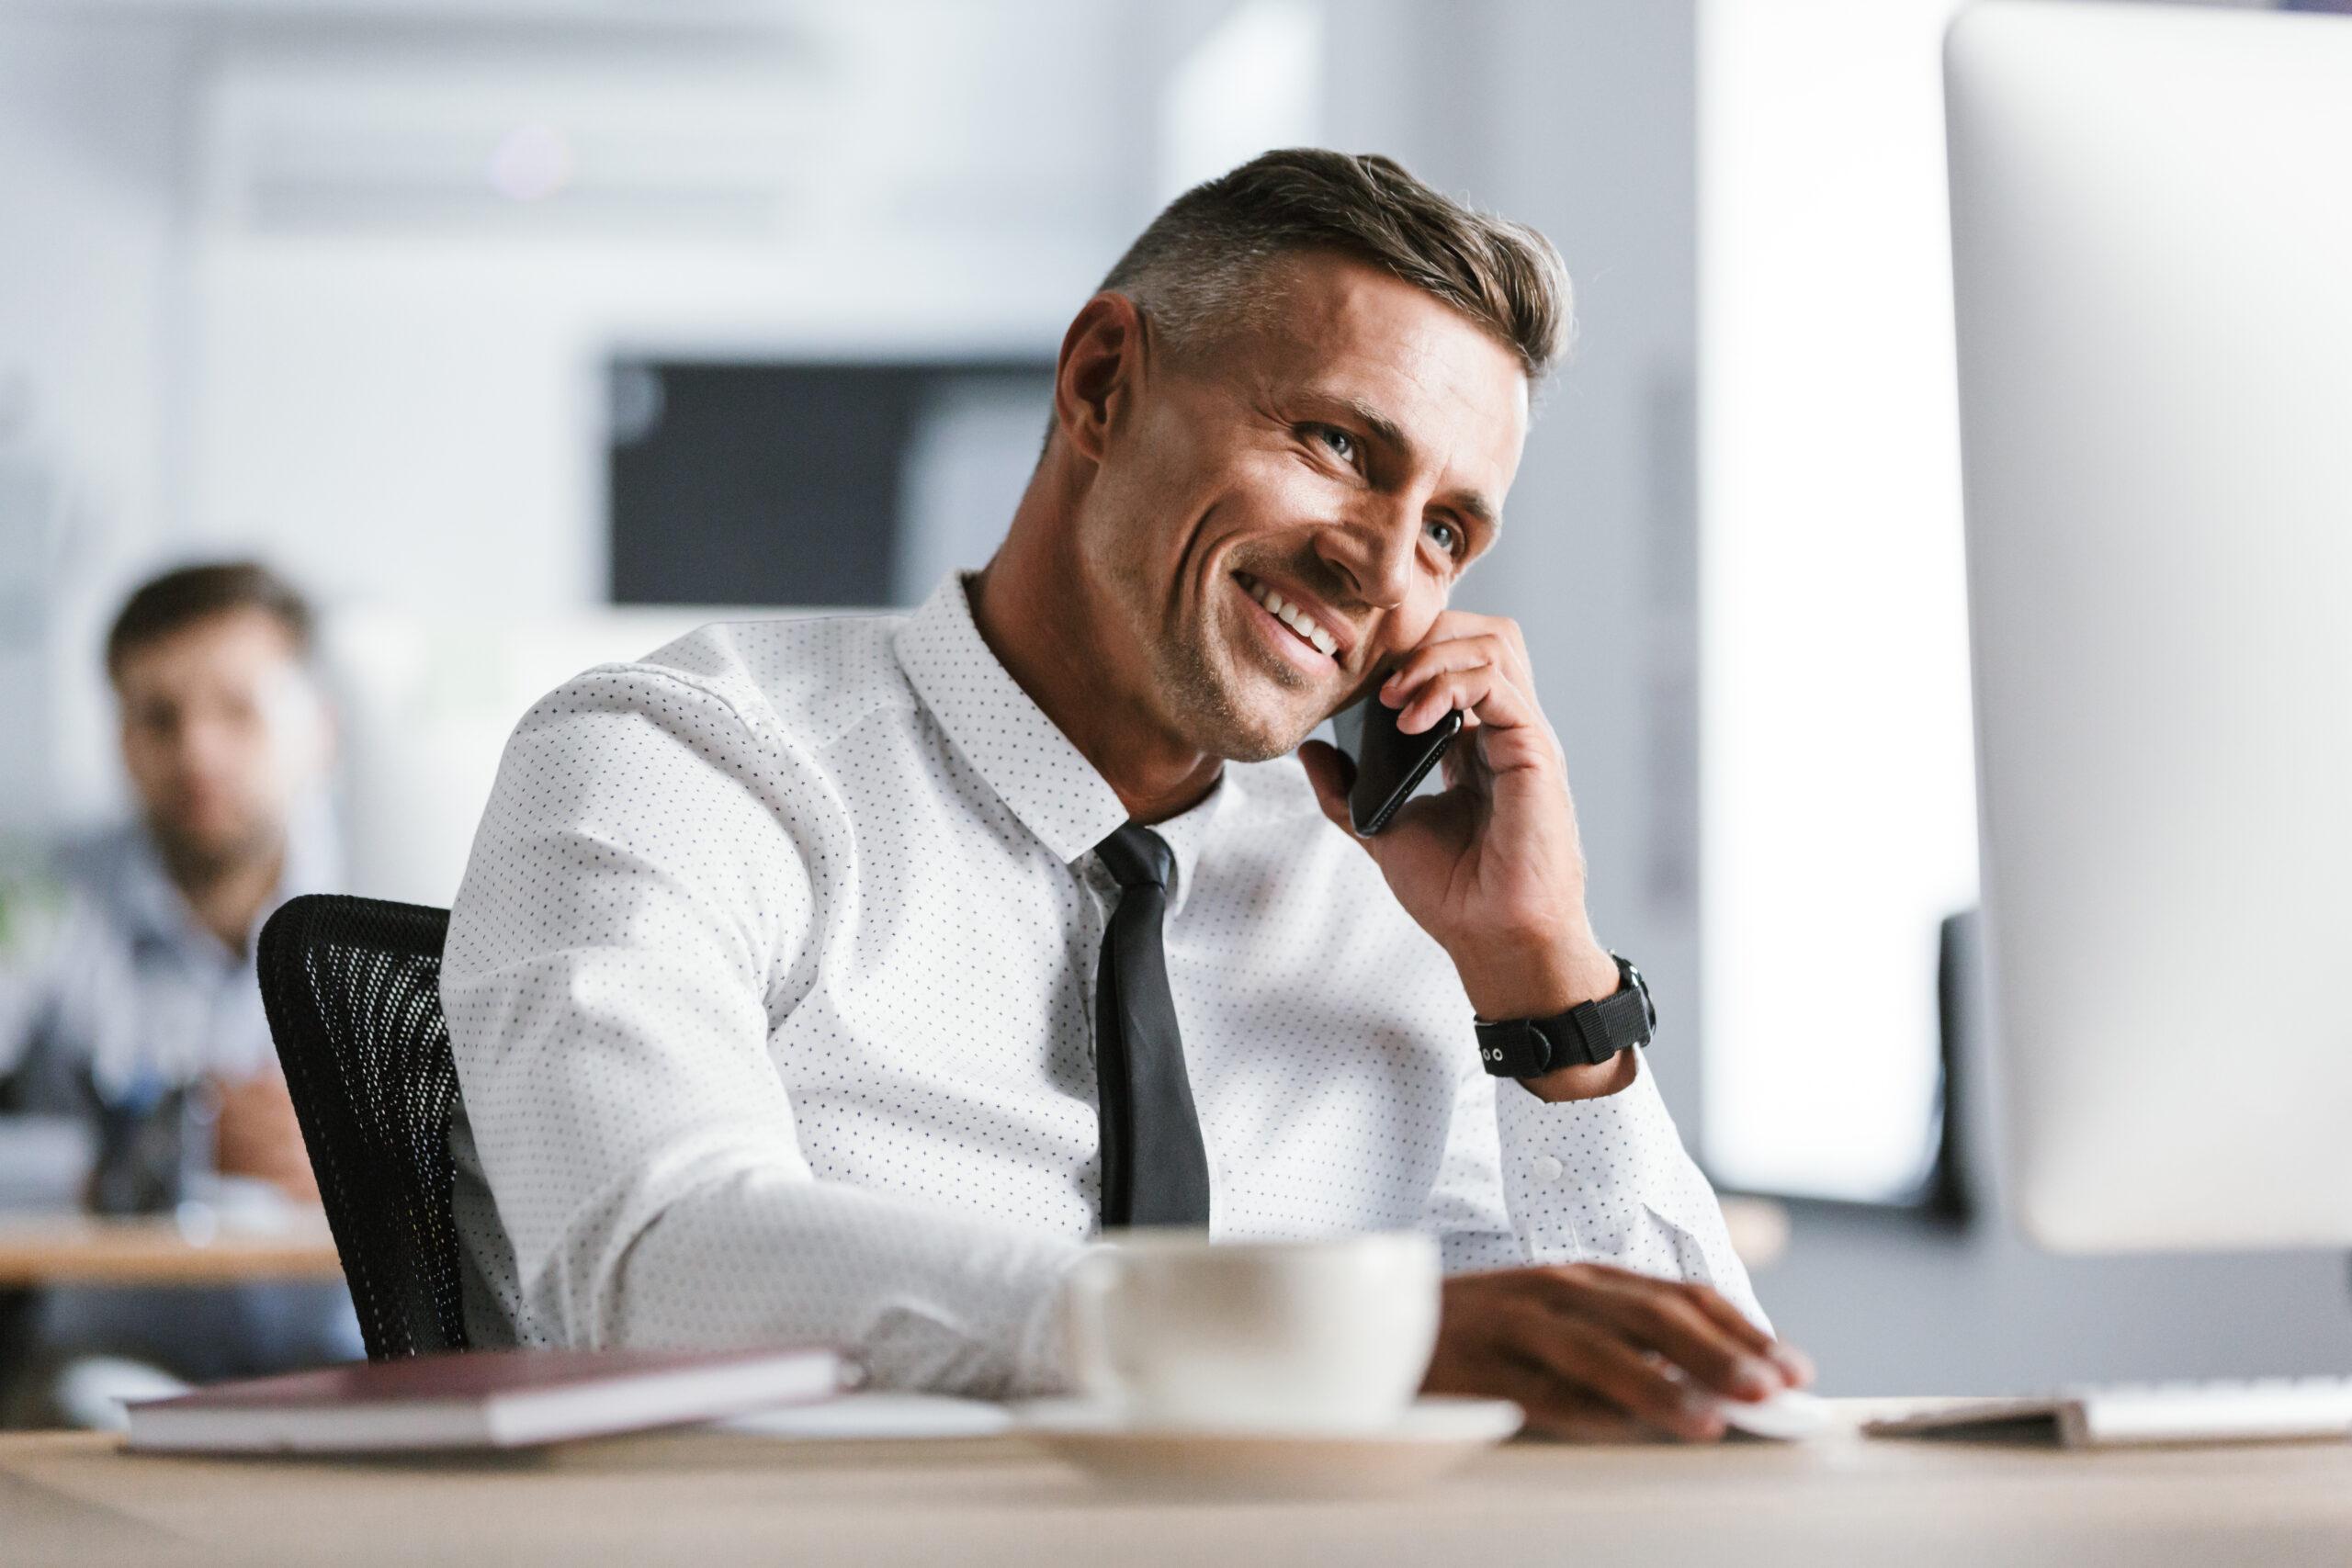 Bild der europäischen erwachsenen Mann 30s trägt weißes Hemd und Krawatte sitzen am Schreibtisch im Büro von Computer und sprechen auf Smartphone